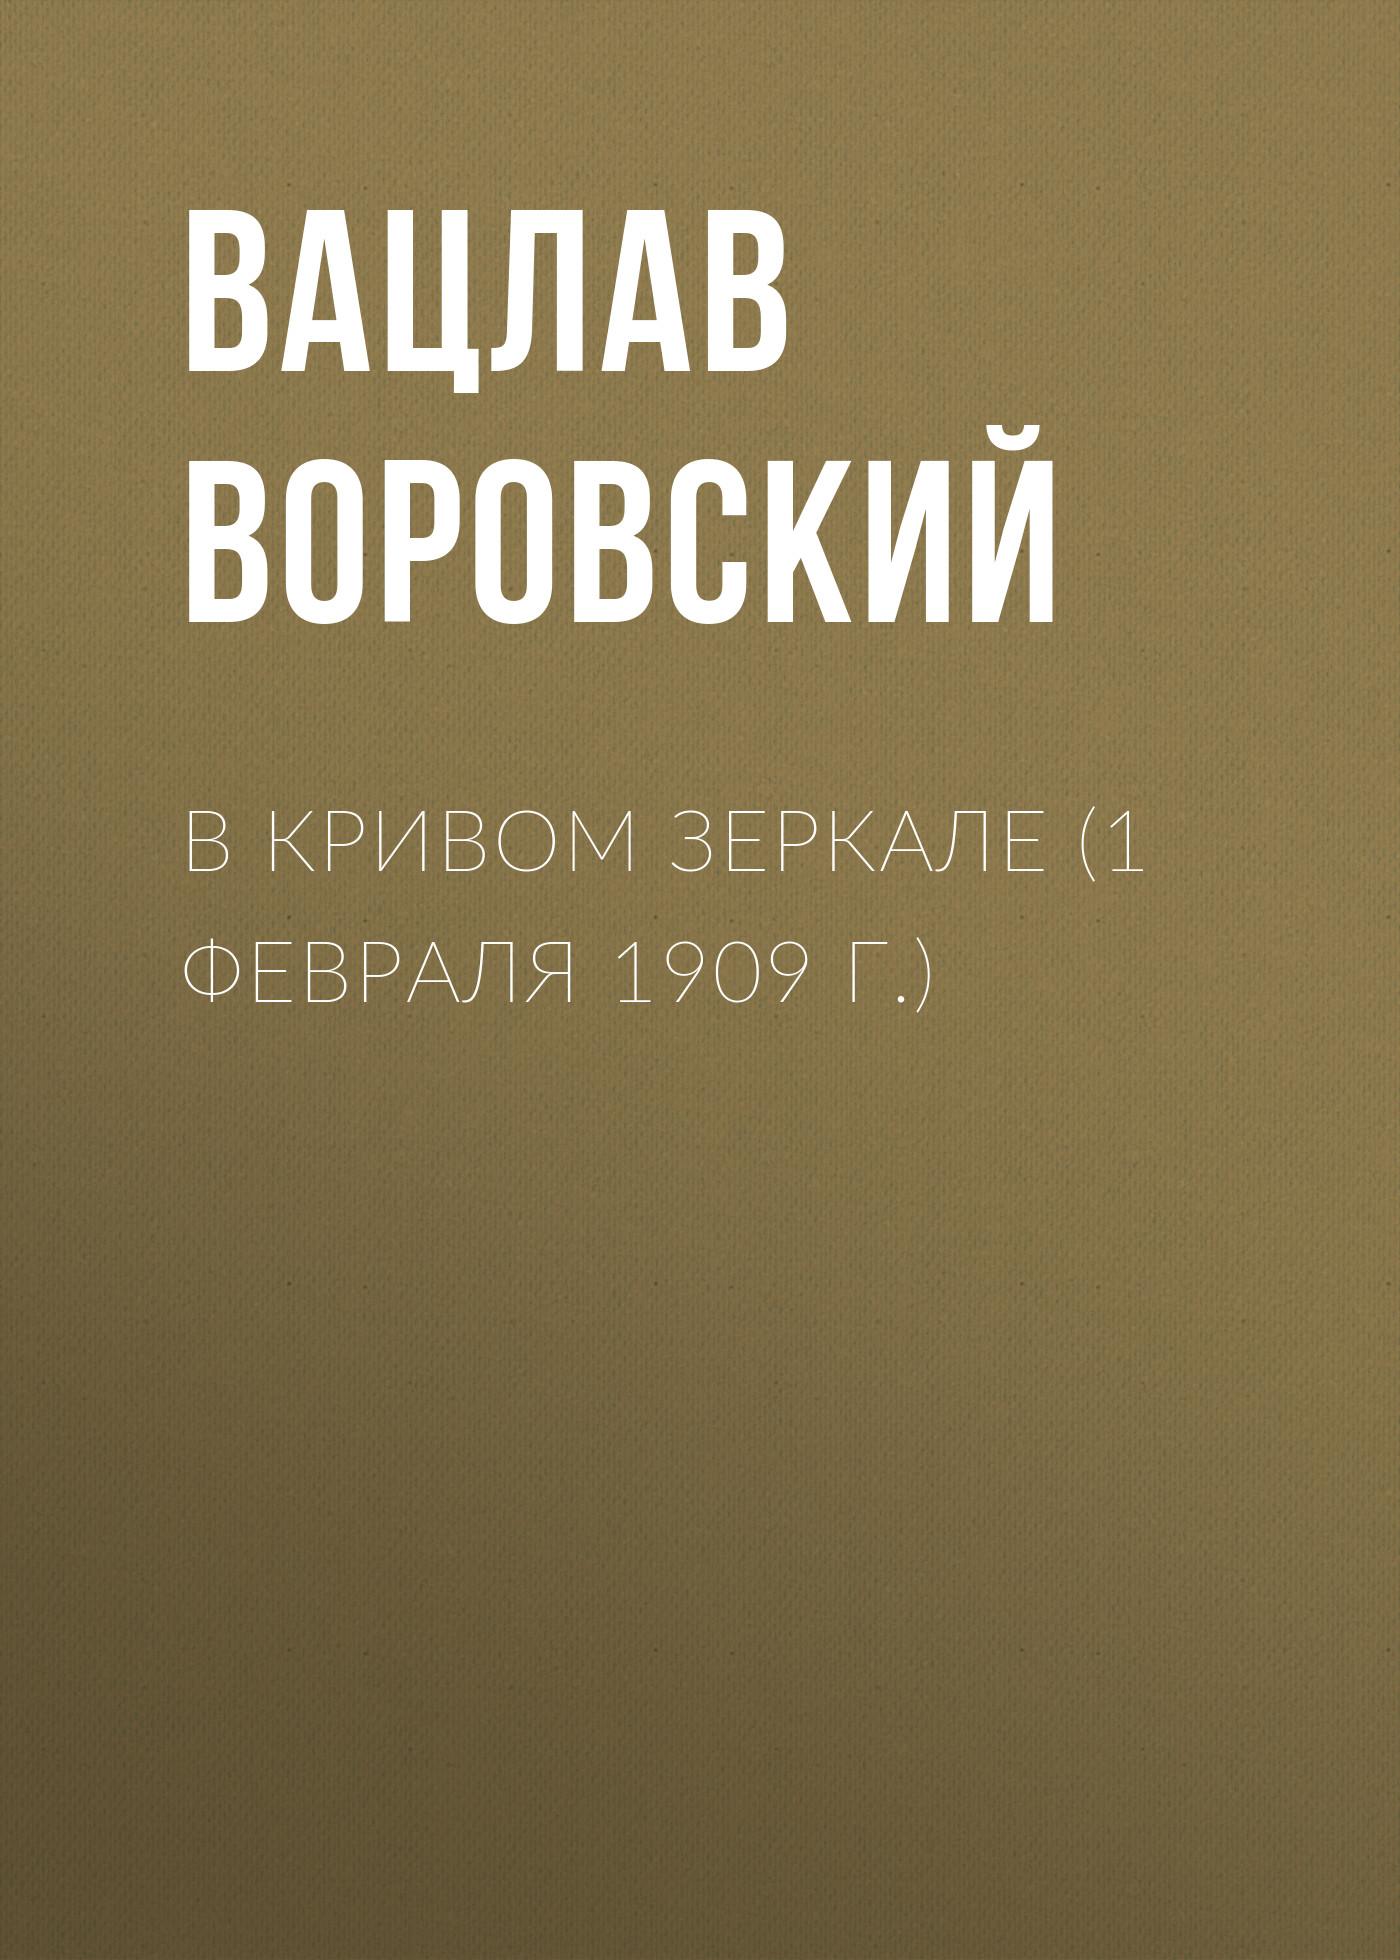 Вацлав Воровский В кривом зеркале (1 февраля 1909 г.) вацлав воровский в кривом зеркале 17 января 1909 г